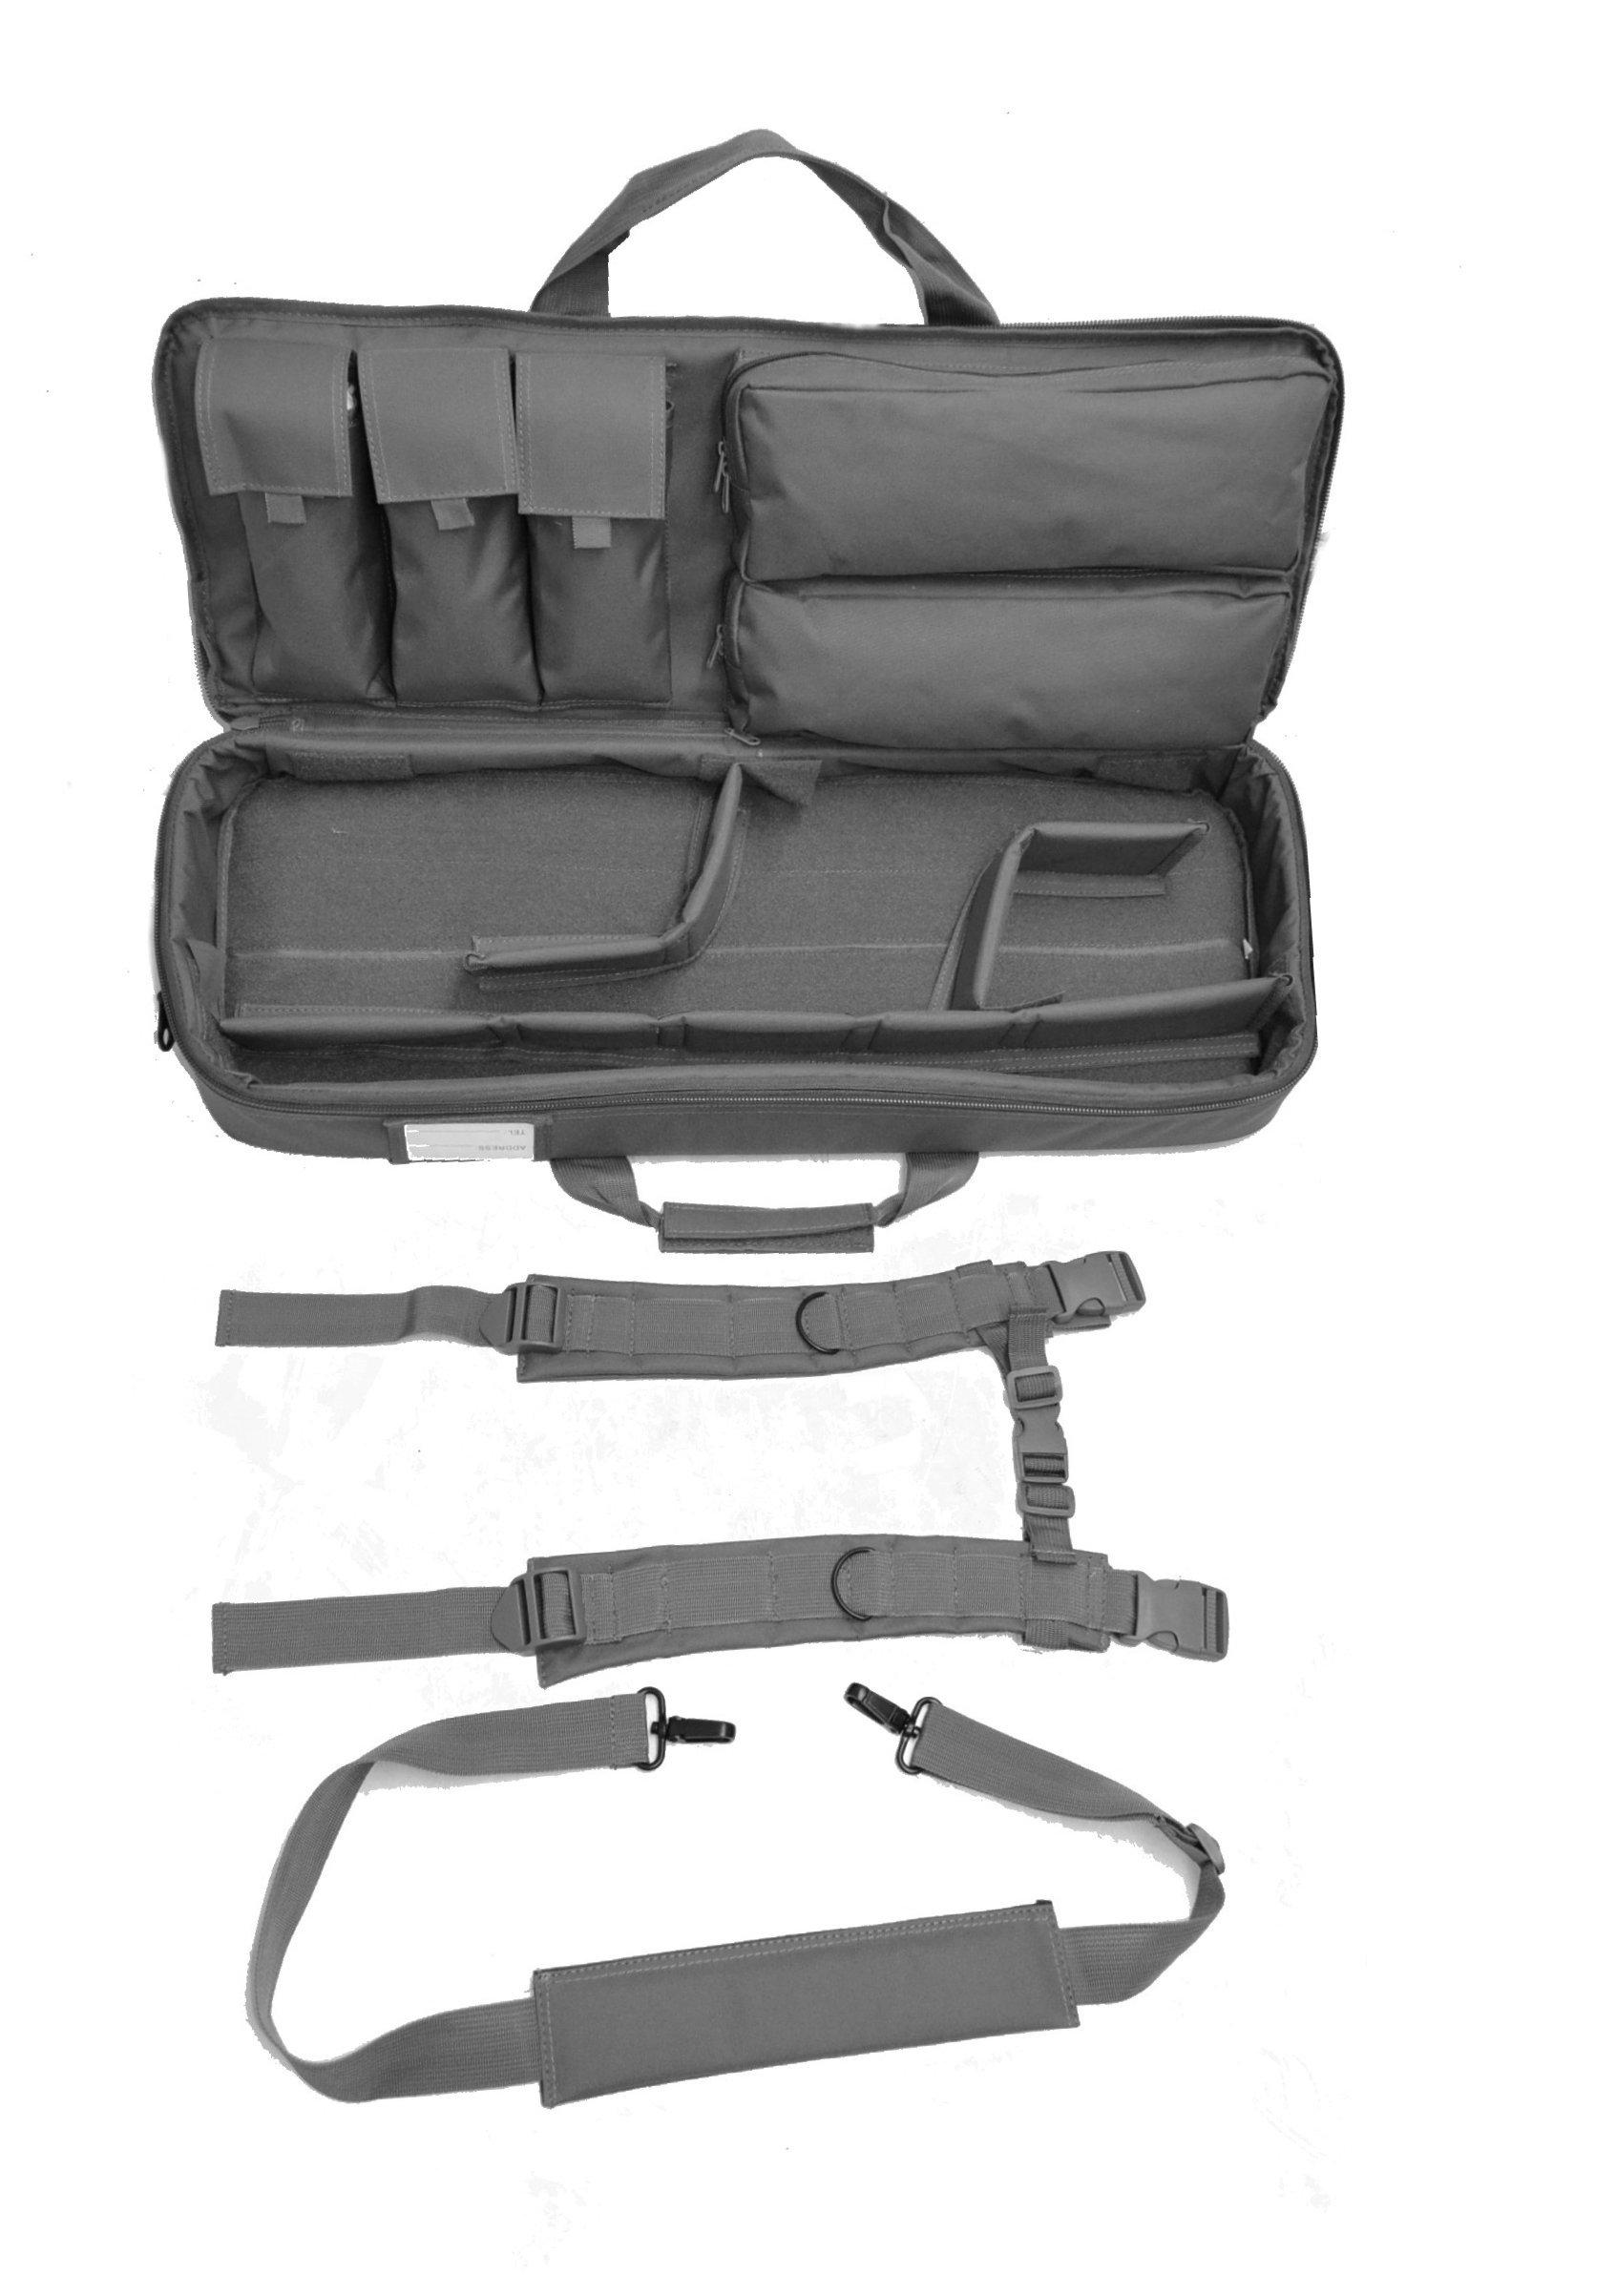 EXPLORER 3 Rifle Case, YKK, 30-Inch